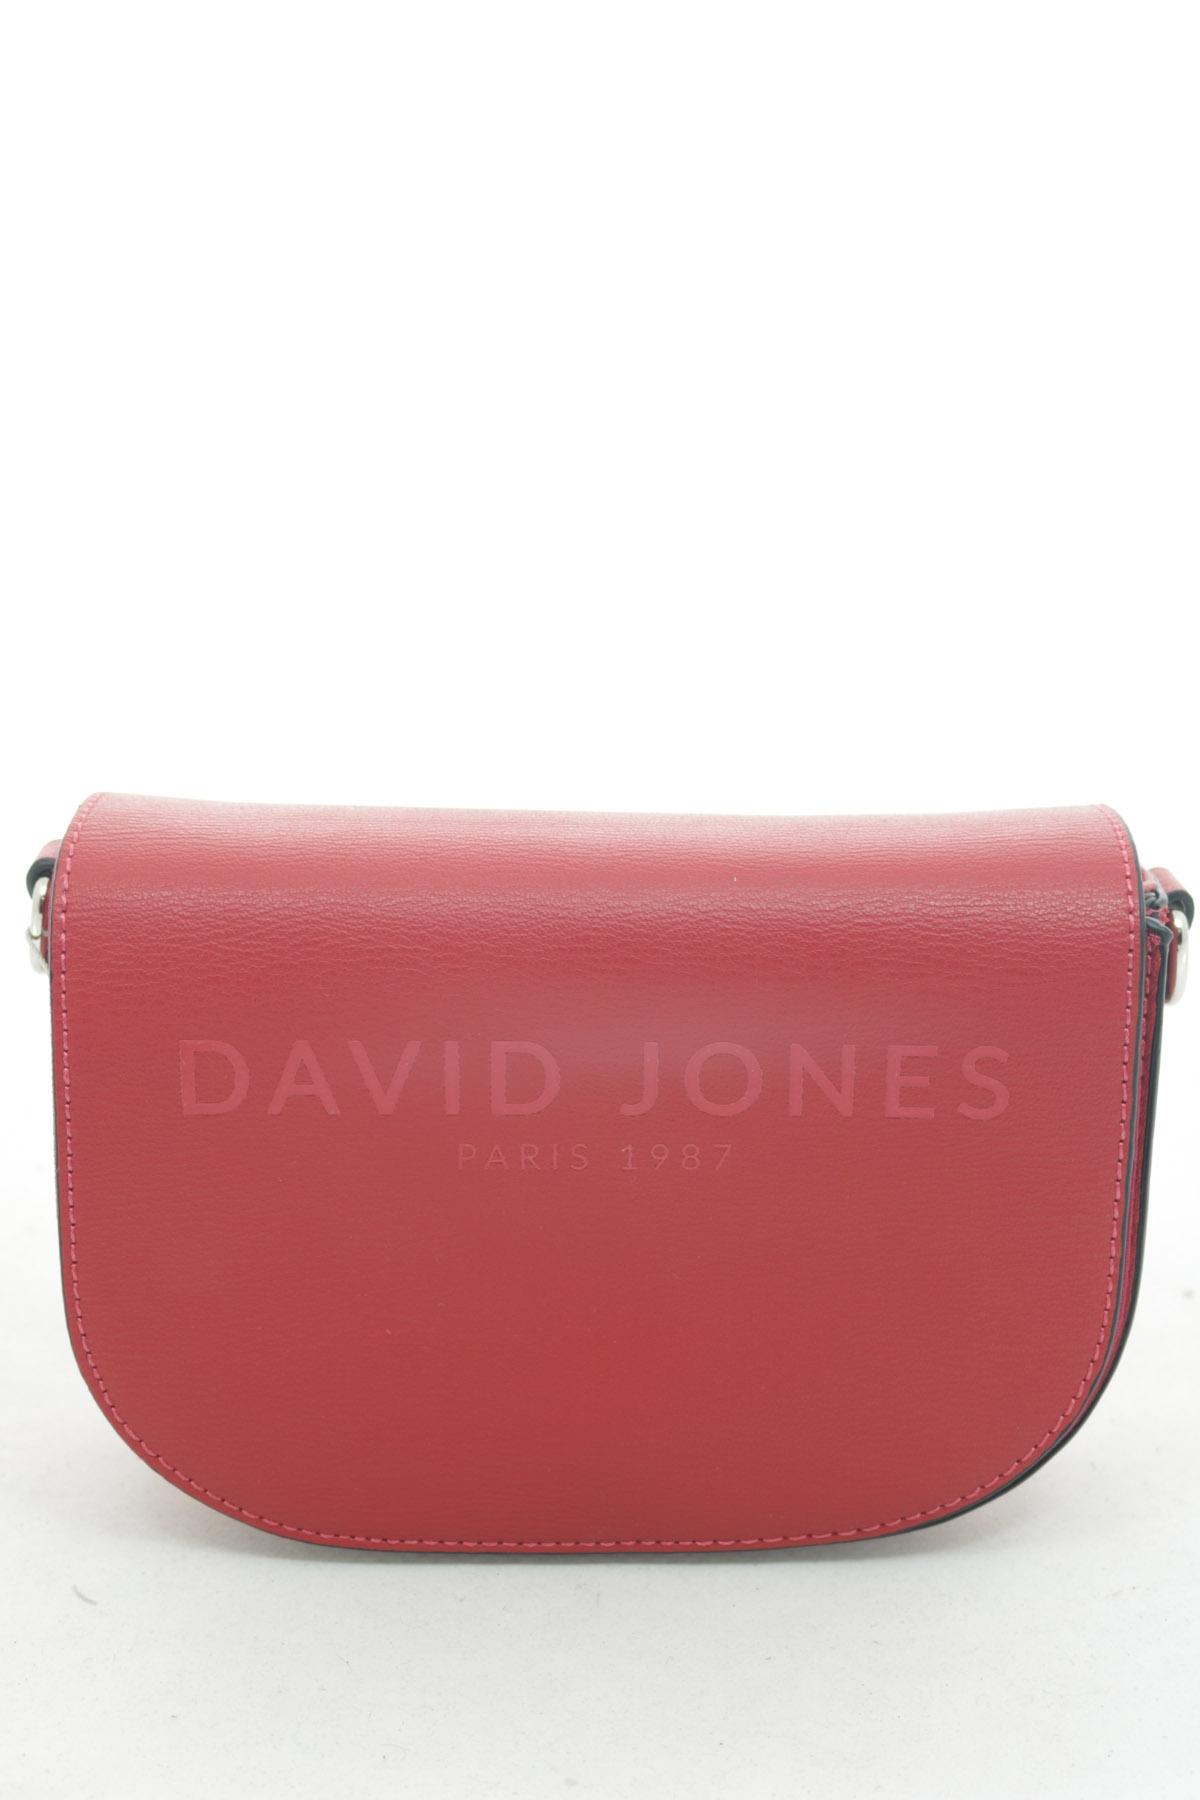 Клатч David Jones 6243-1 оптом